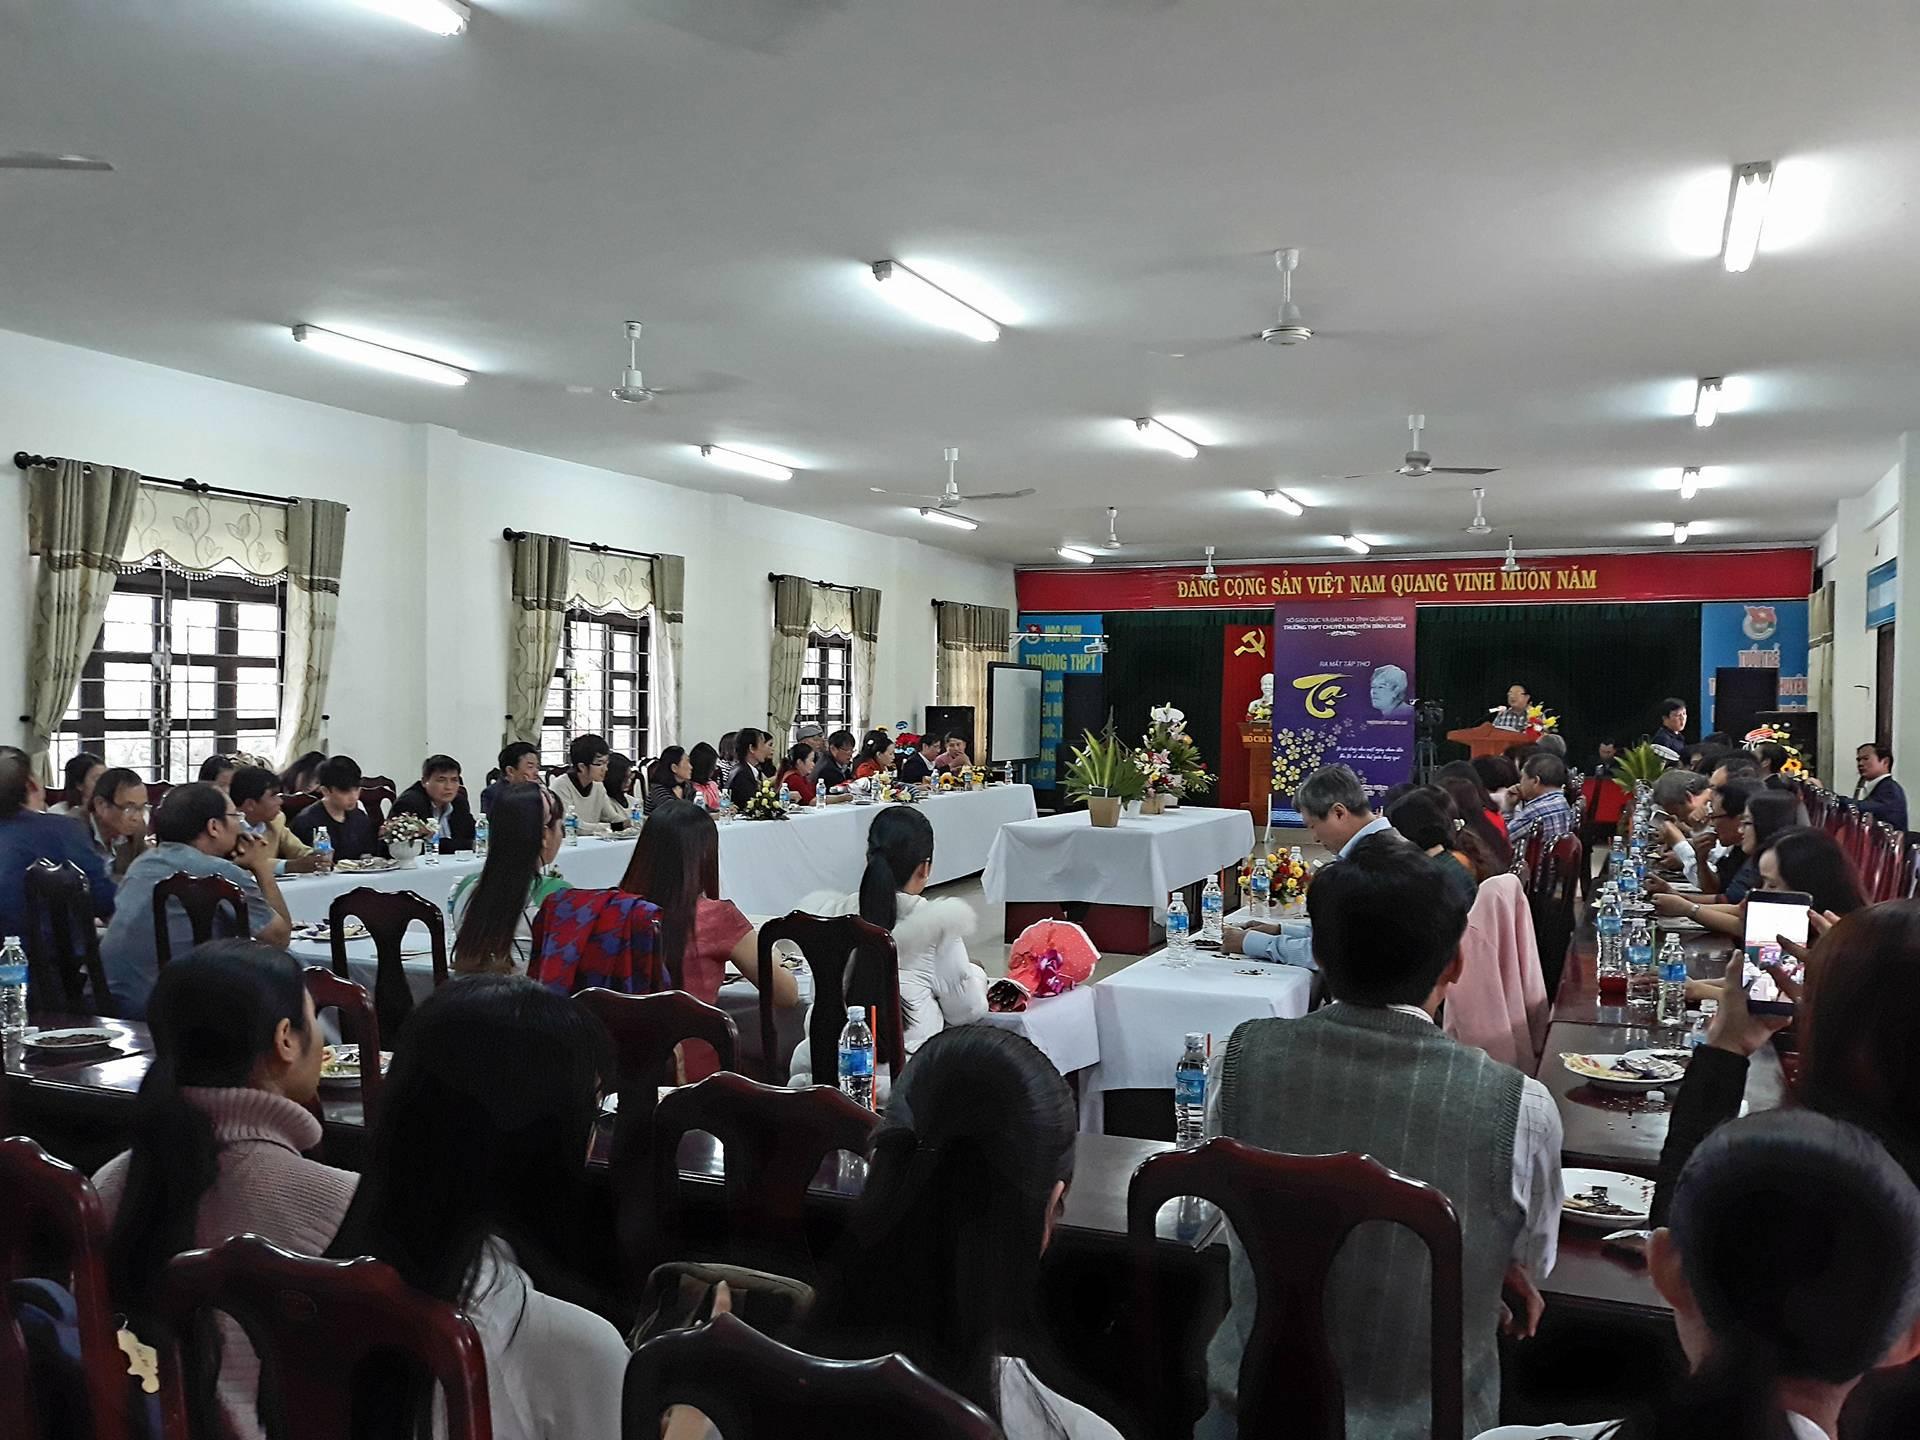 Đông đảo người yêu thơ tham dự buổi ra mắt tập thơ